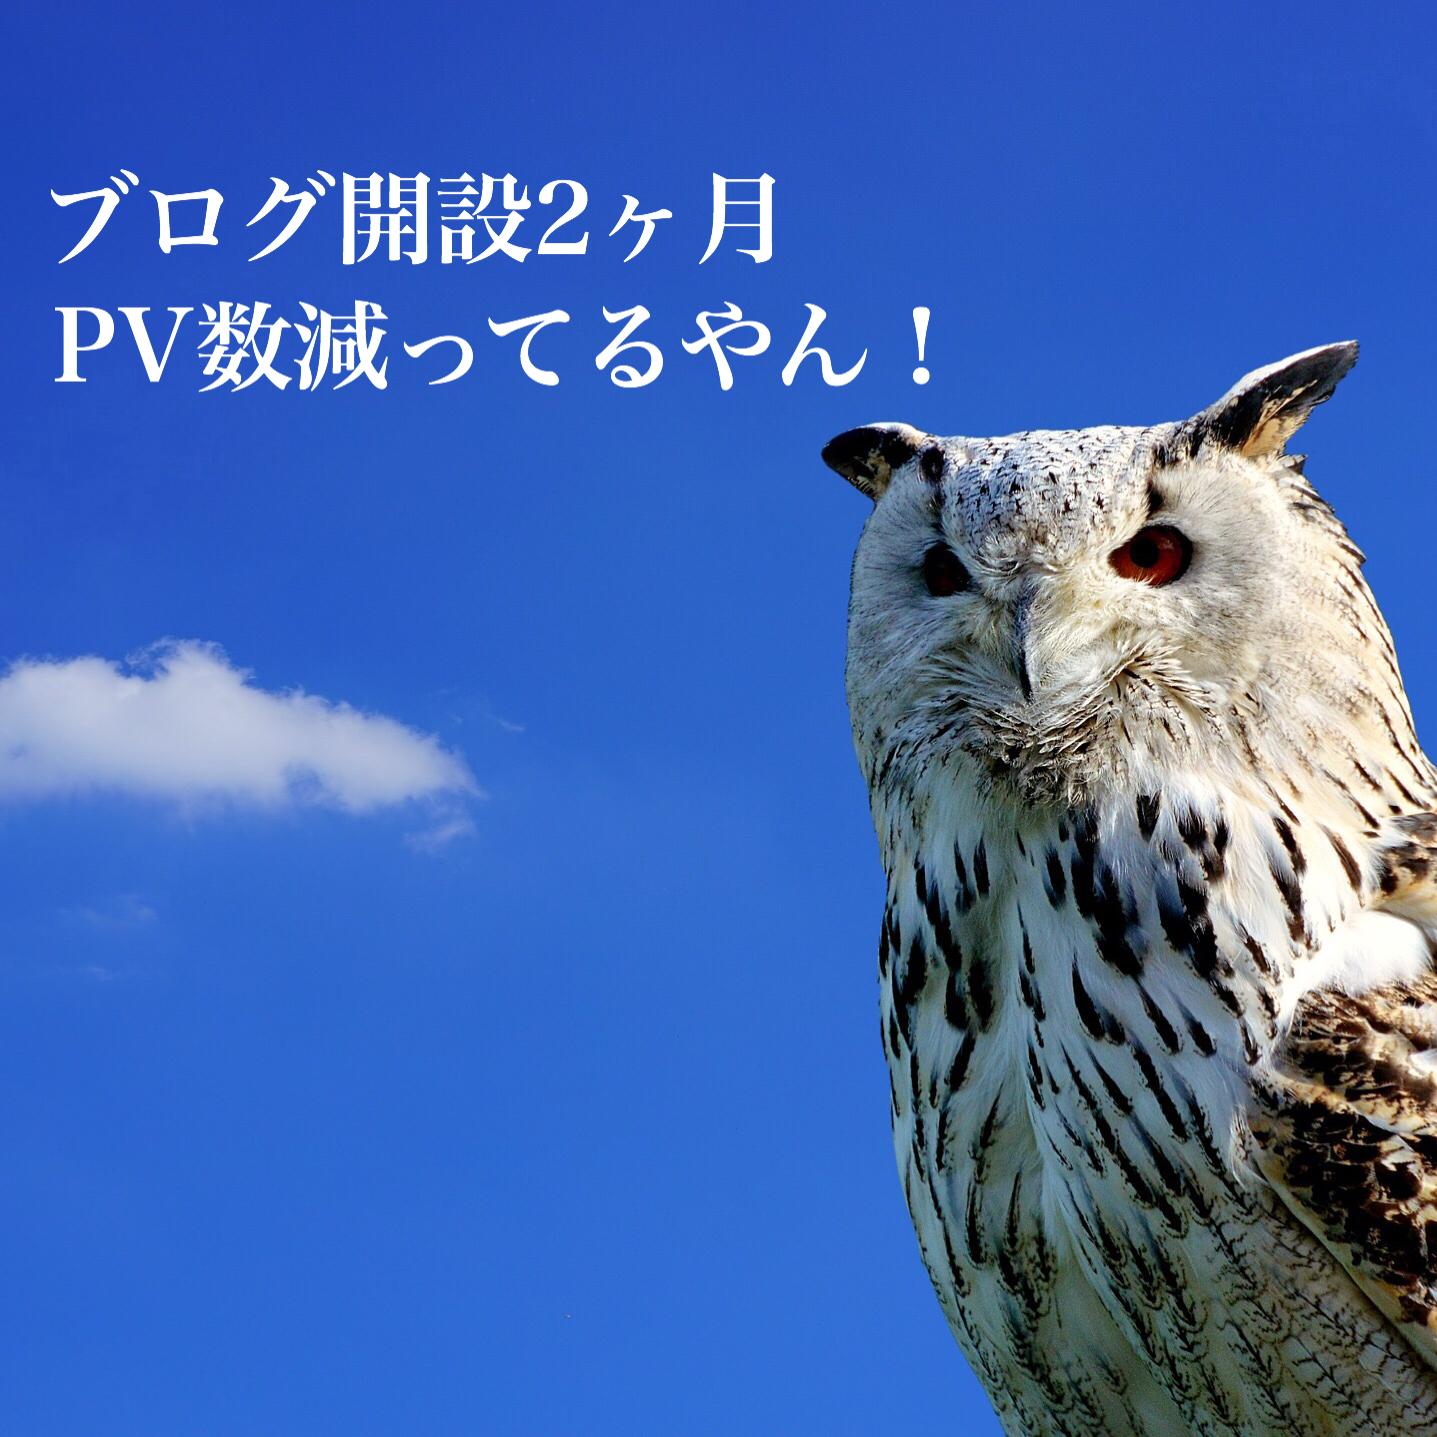 ブログ開設2ヶ月過ぎPV数が増えない